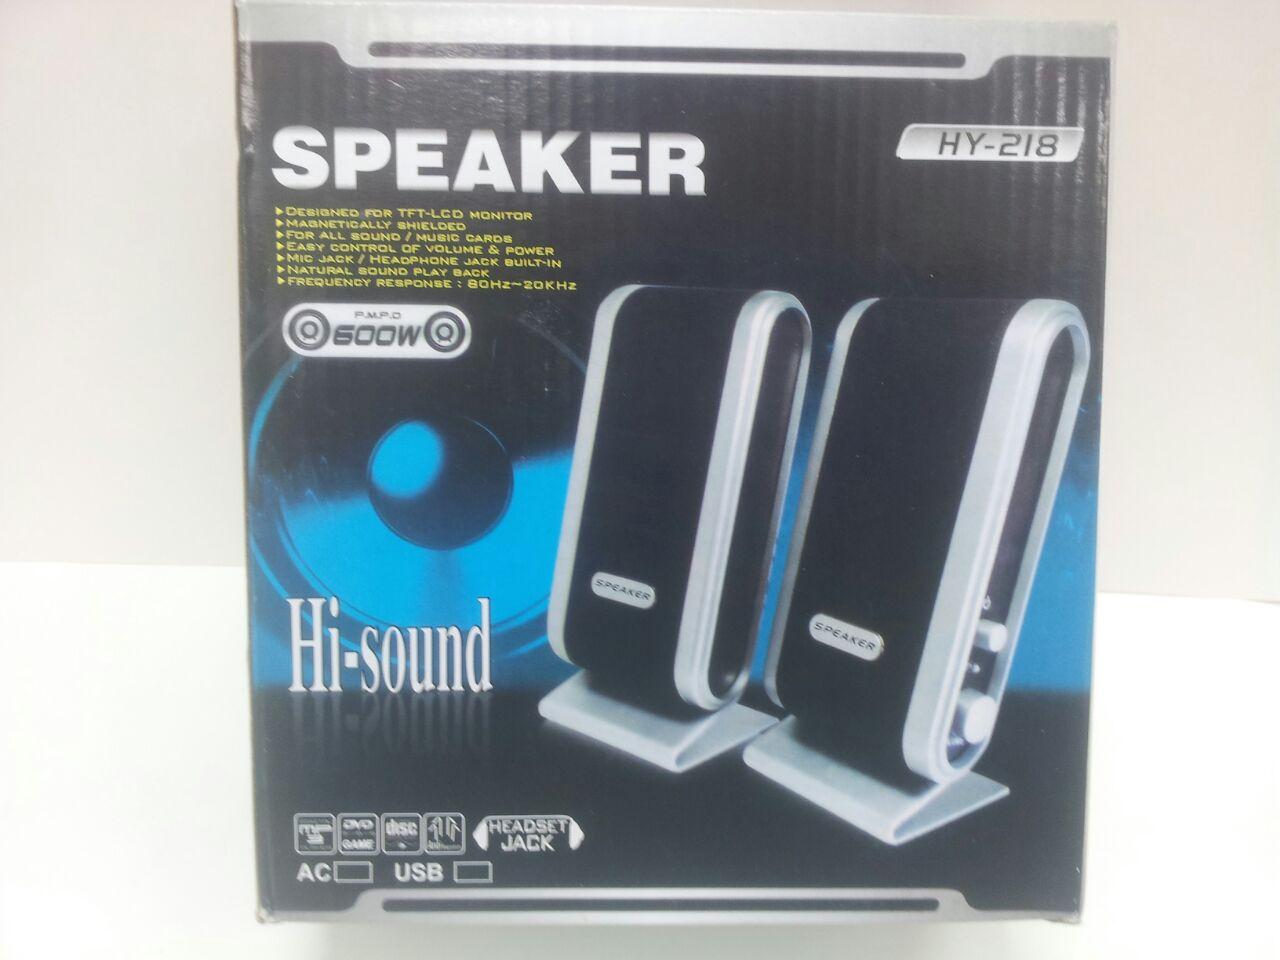 SPEAKER HY-218